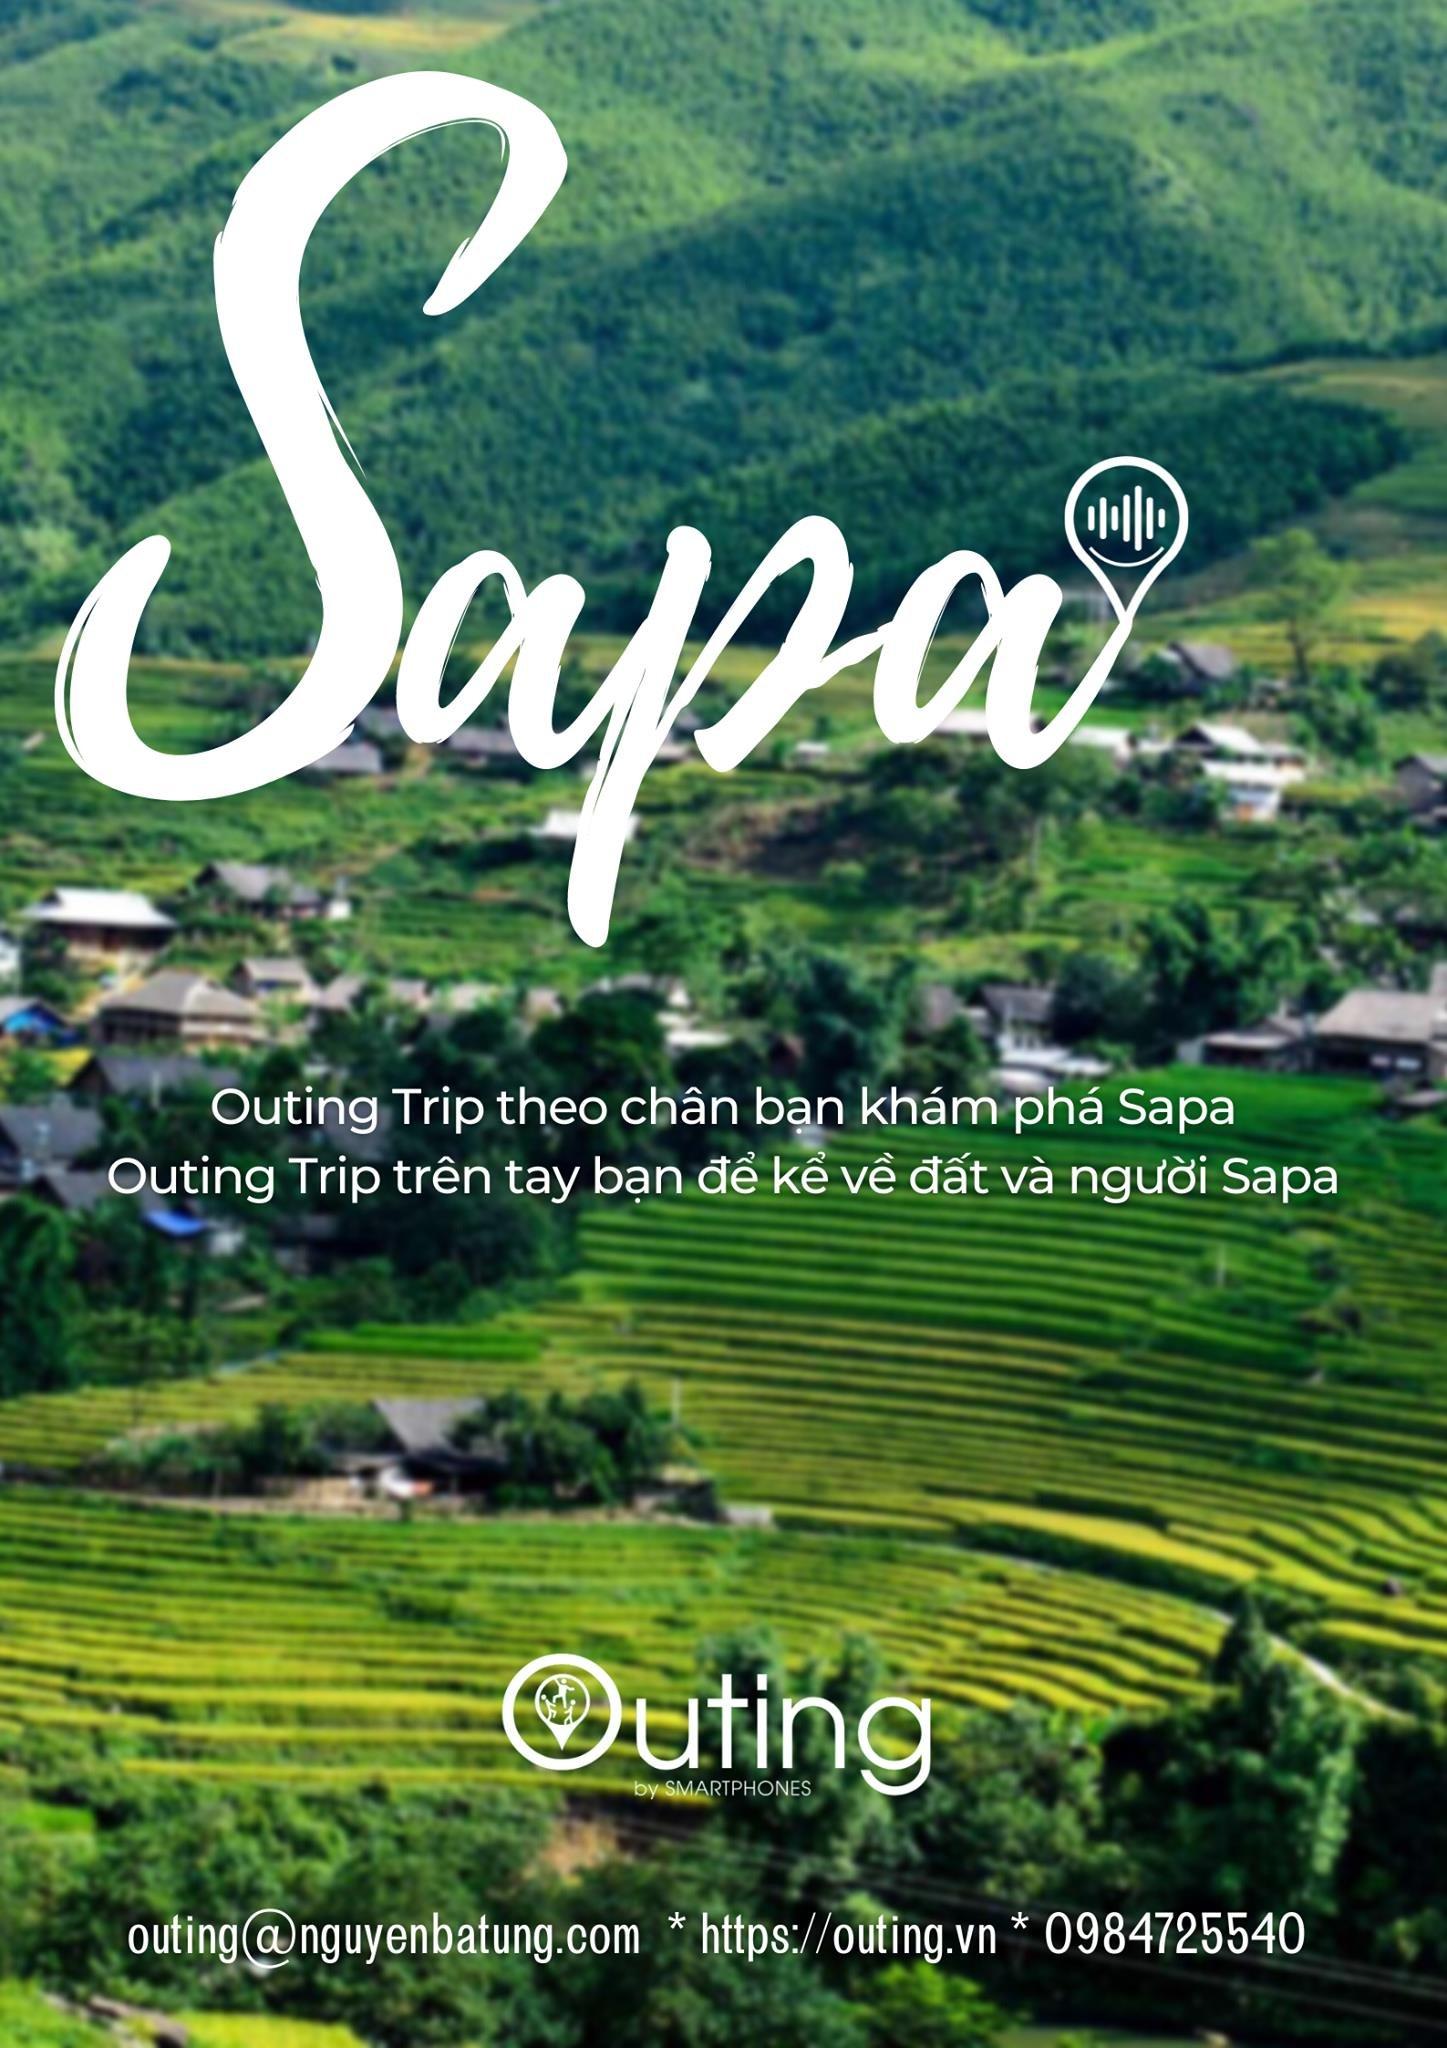 Chinh phục Sapa - vùng đất của những chuyến du lịch tự túc